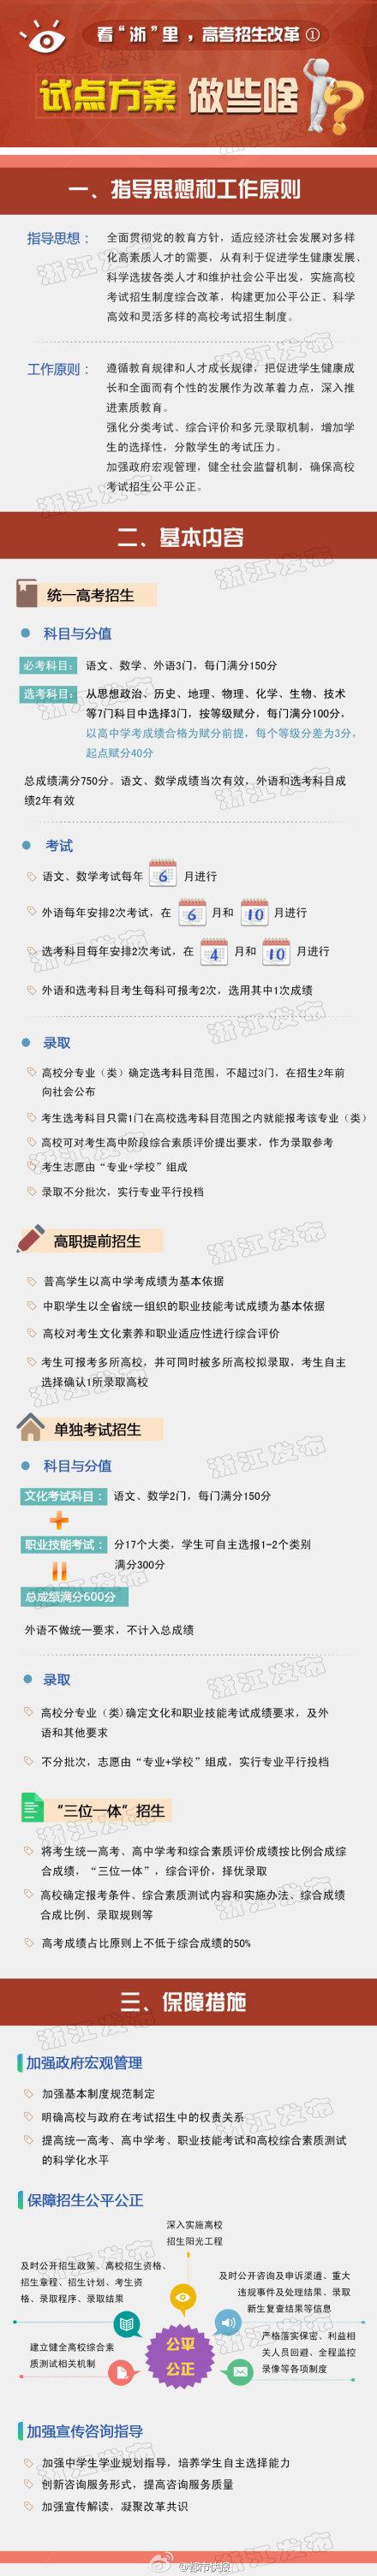 浙江高考综合改革方案图解1